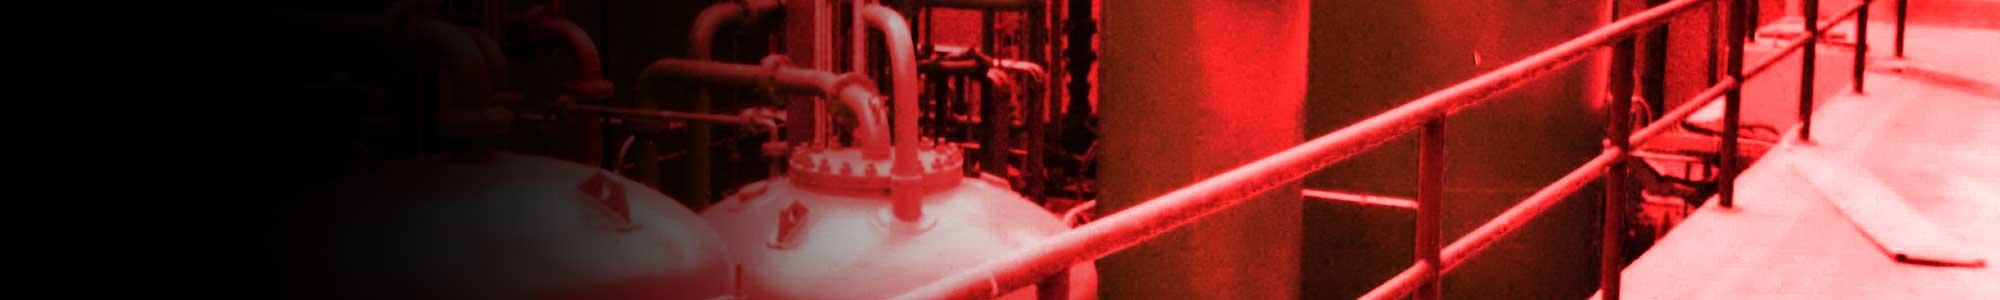 Heat Exchanger Plates Exchange Program